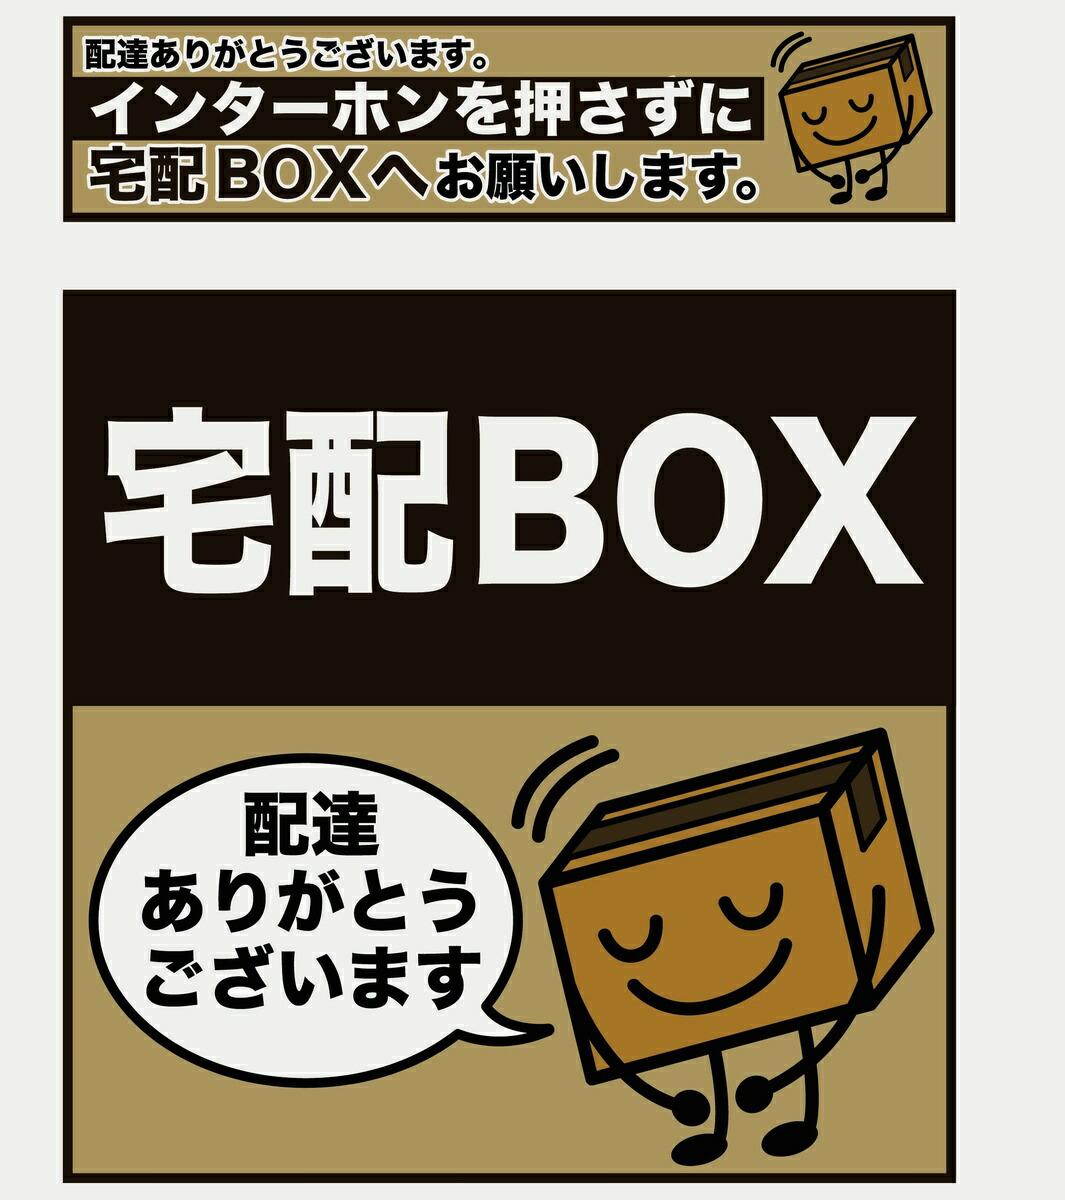 【2021年最新版】宅配ボックス用ステッカーの人気おすすめランキング13選【自分らしさを演出】